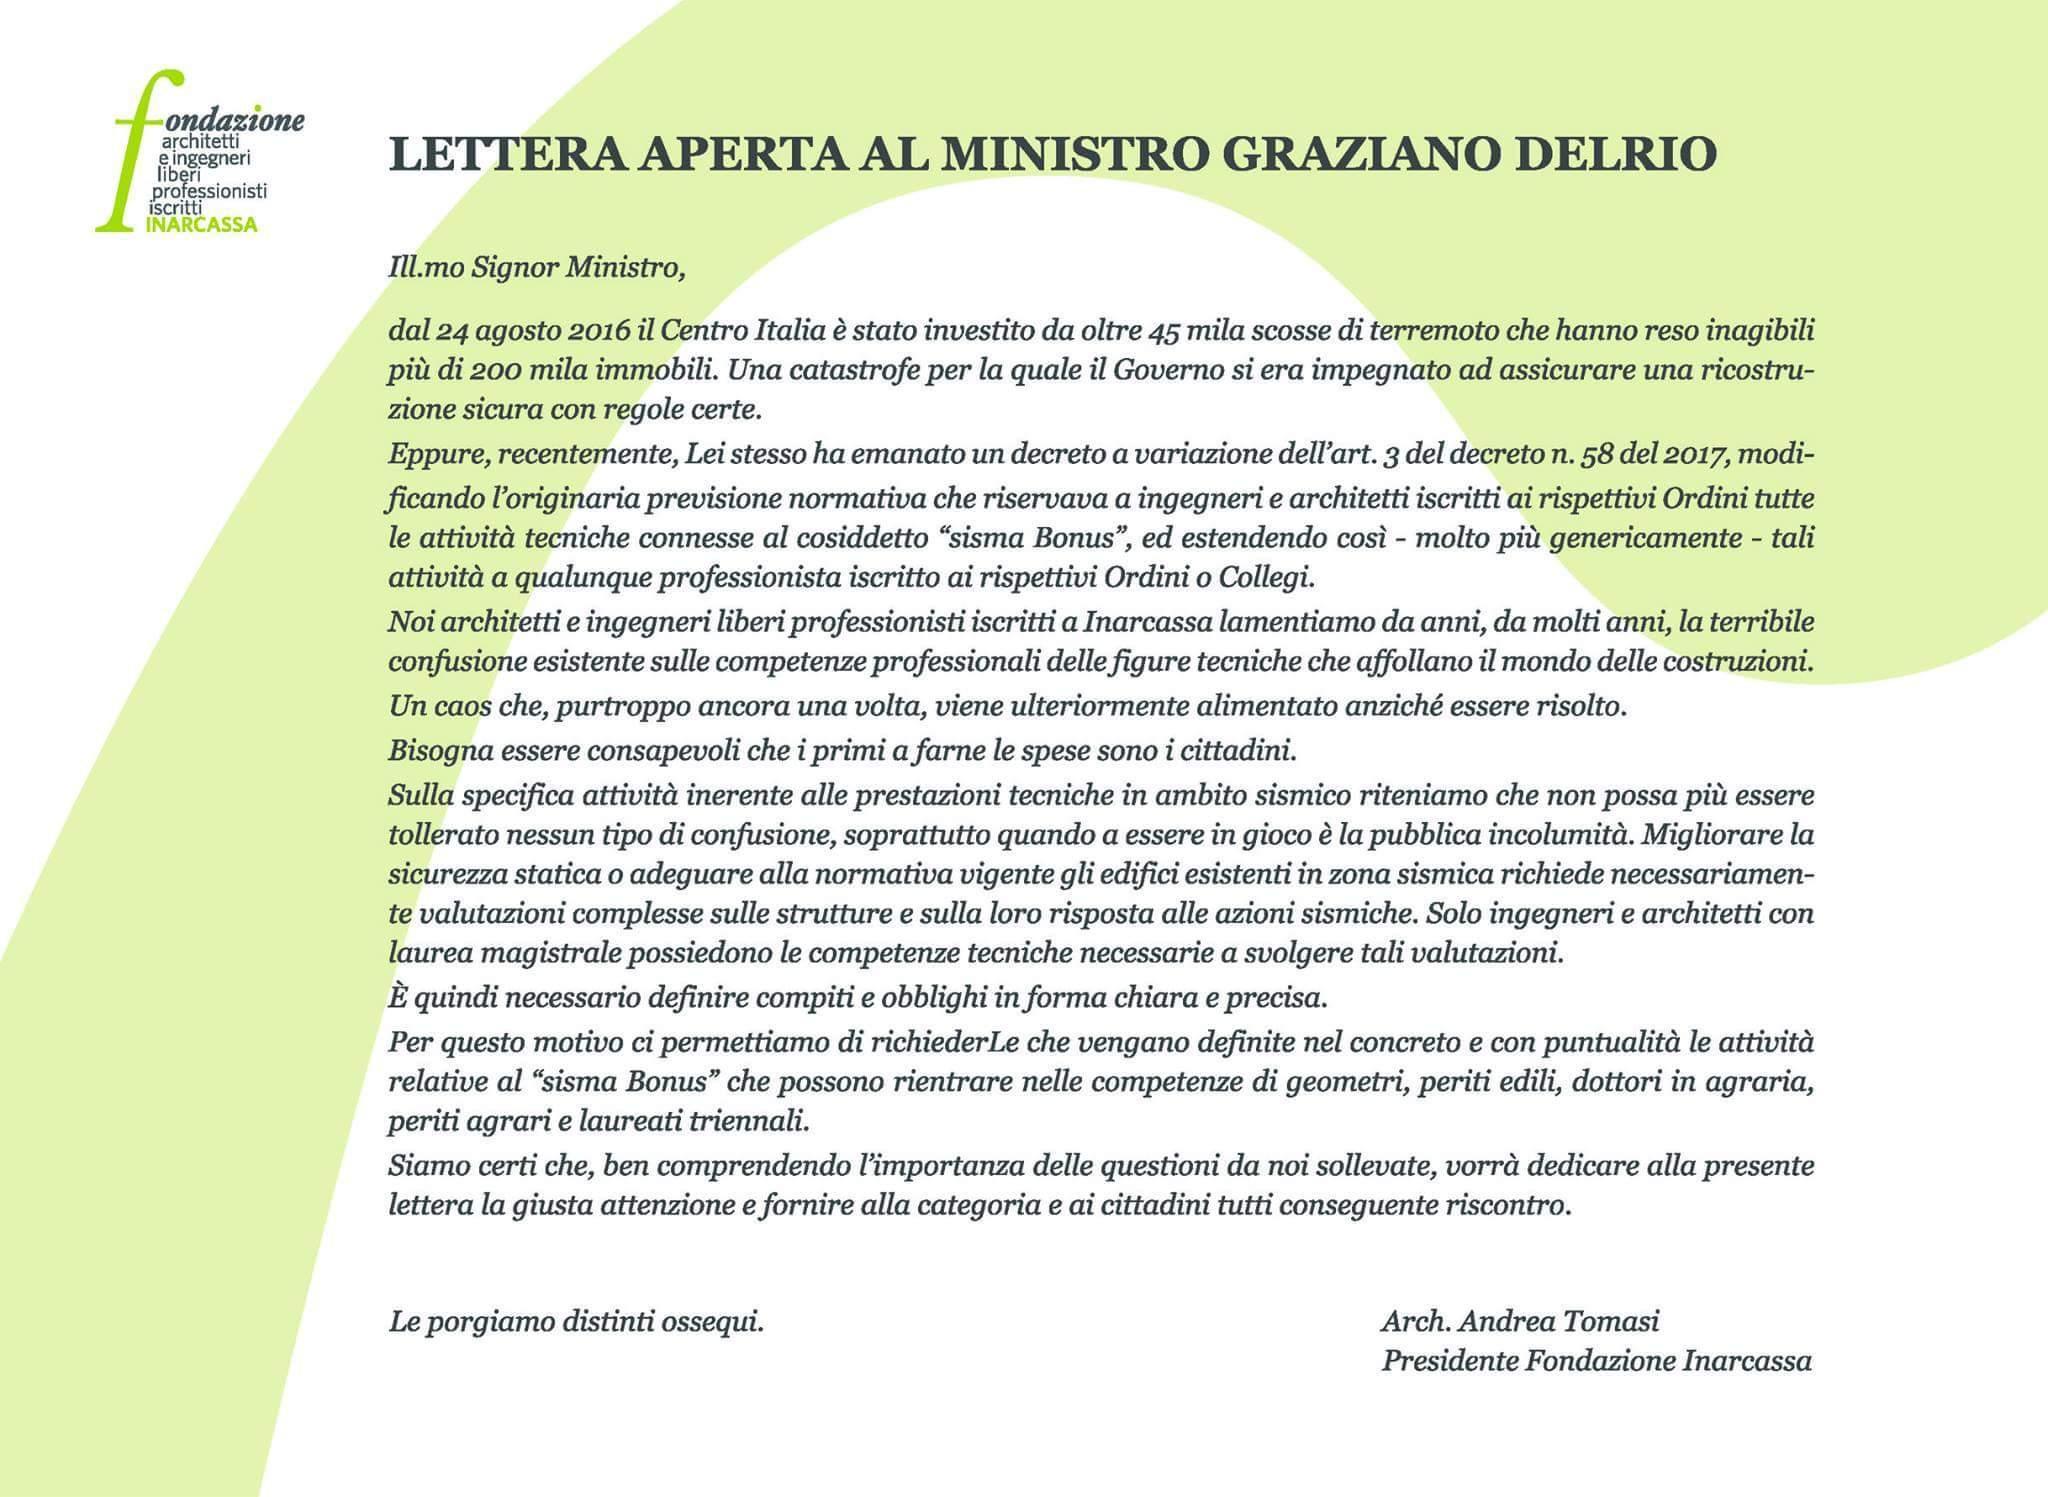 Fondazione_Inarcassa_Lettera_Delrio